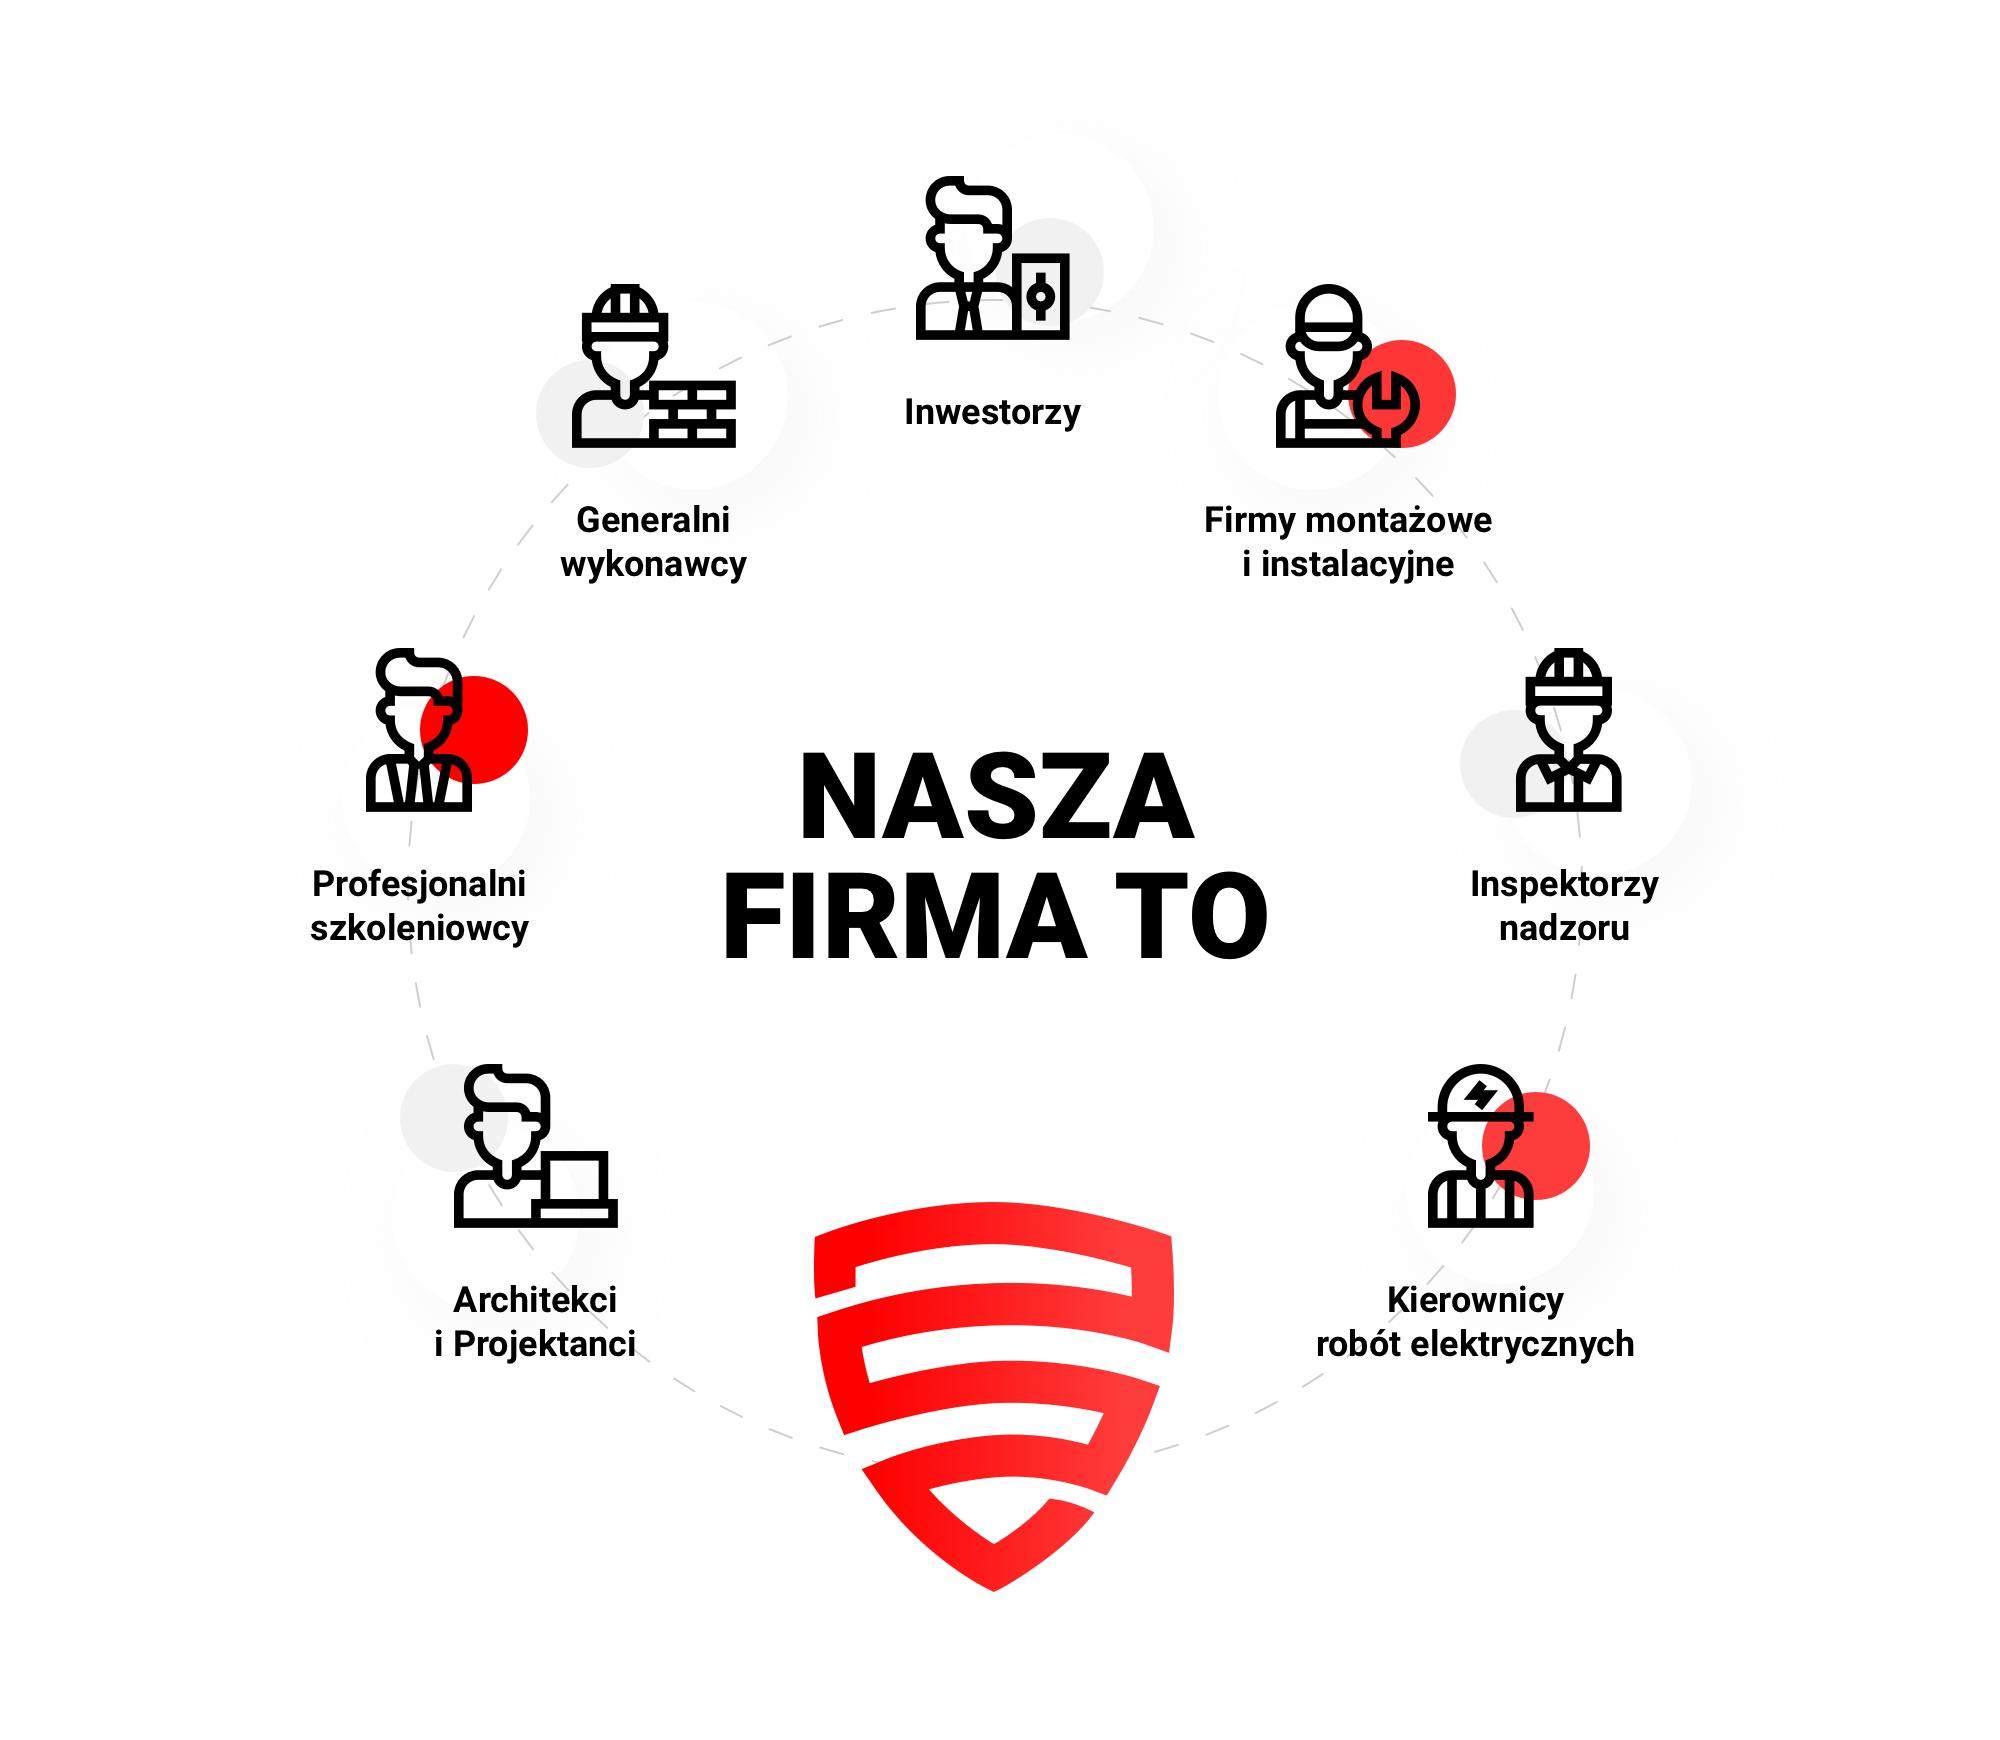 Centrum Systemów Bezpieczeństwa - działamy w wielu branżach, spajając je i tworząc inteligetne systemy bezpieczeństwa